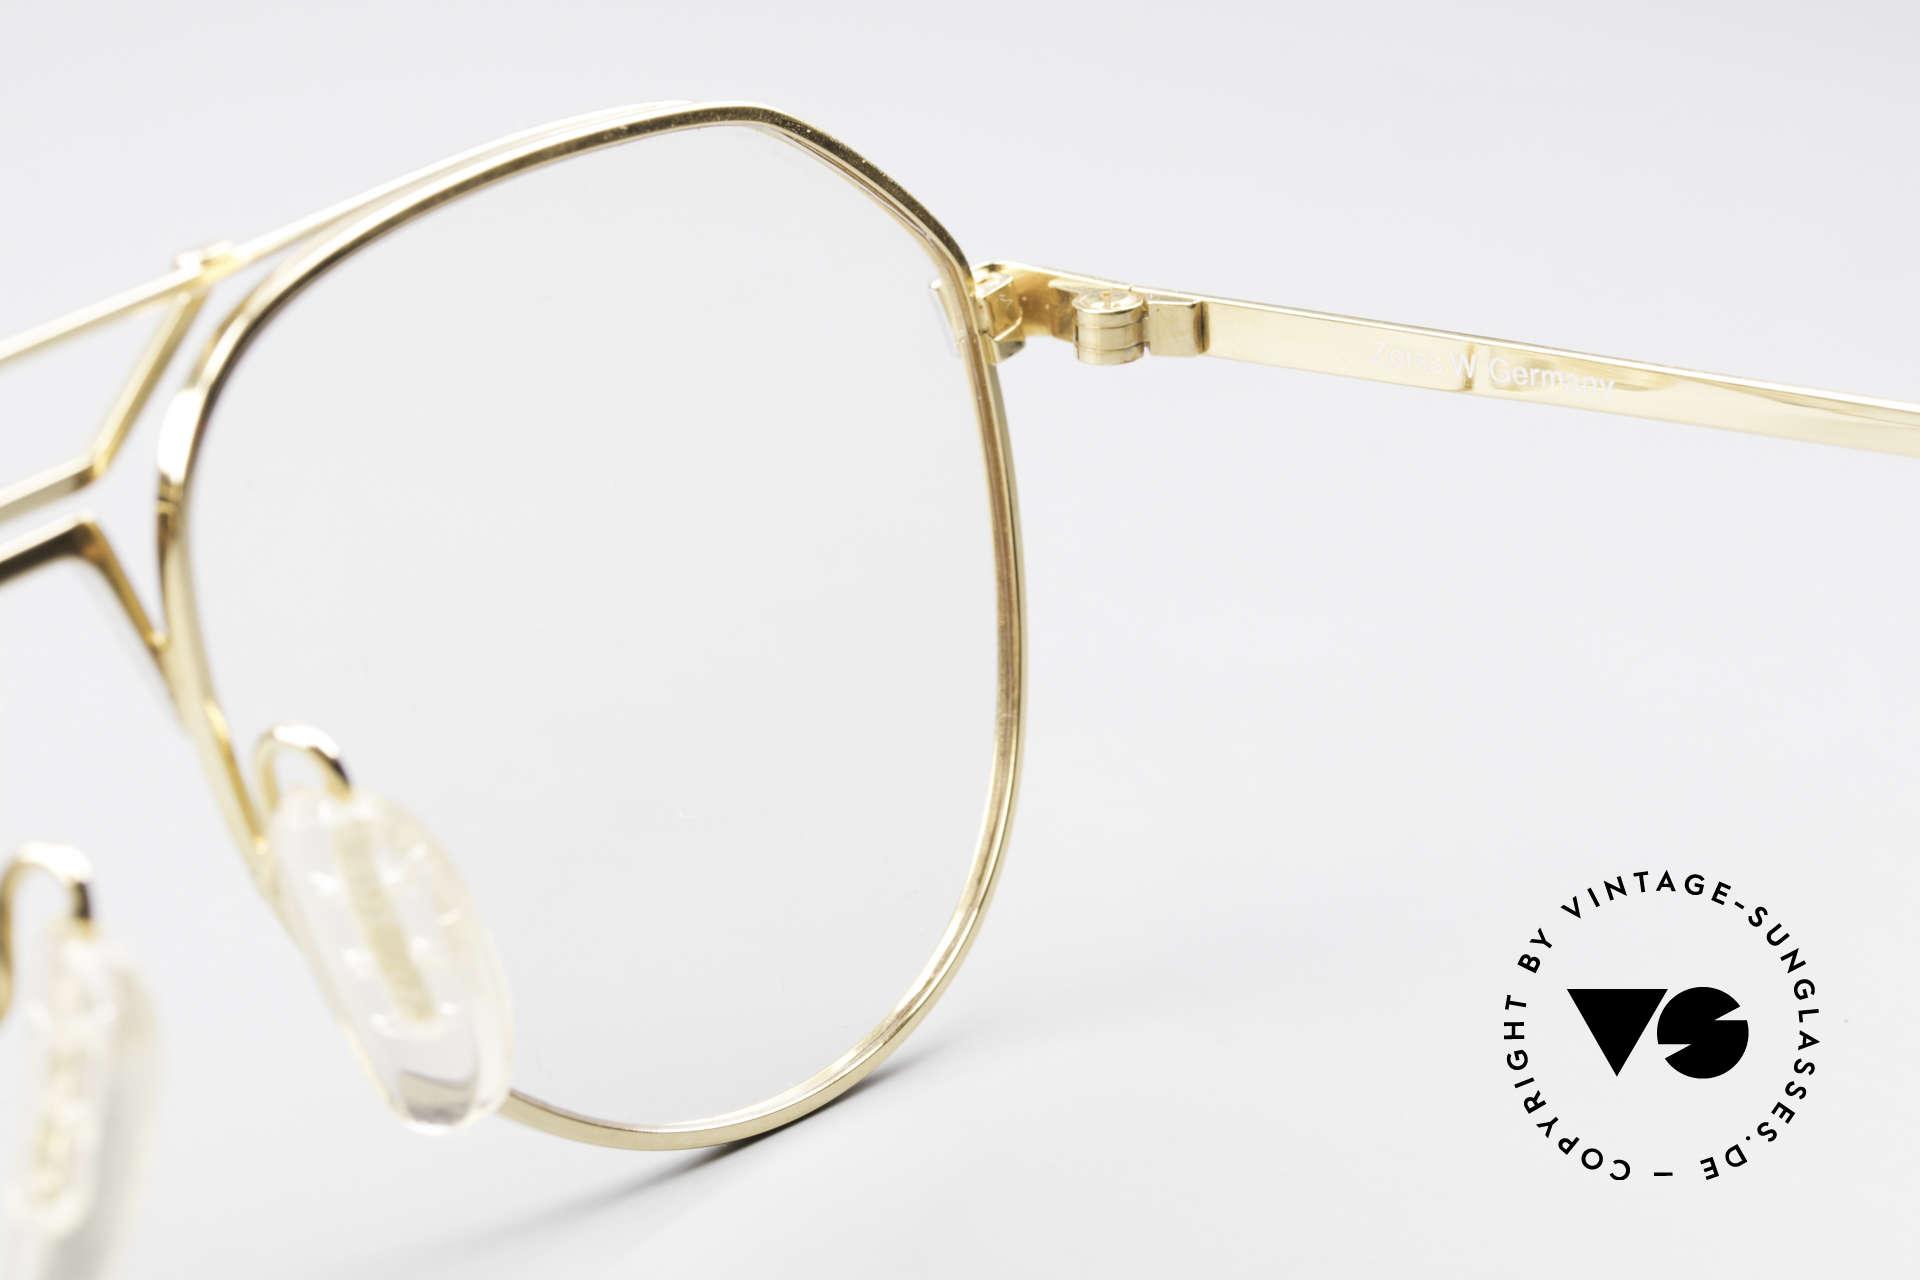 Zeiss 5897 West Germany Qualitätsbrille, KEINE RETROBRILLE, sondern 100% vintage Original, Passend für Herren